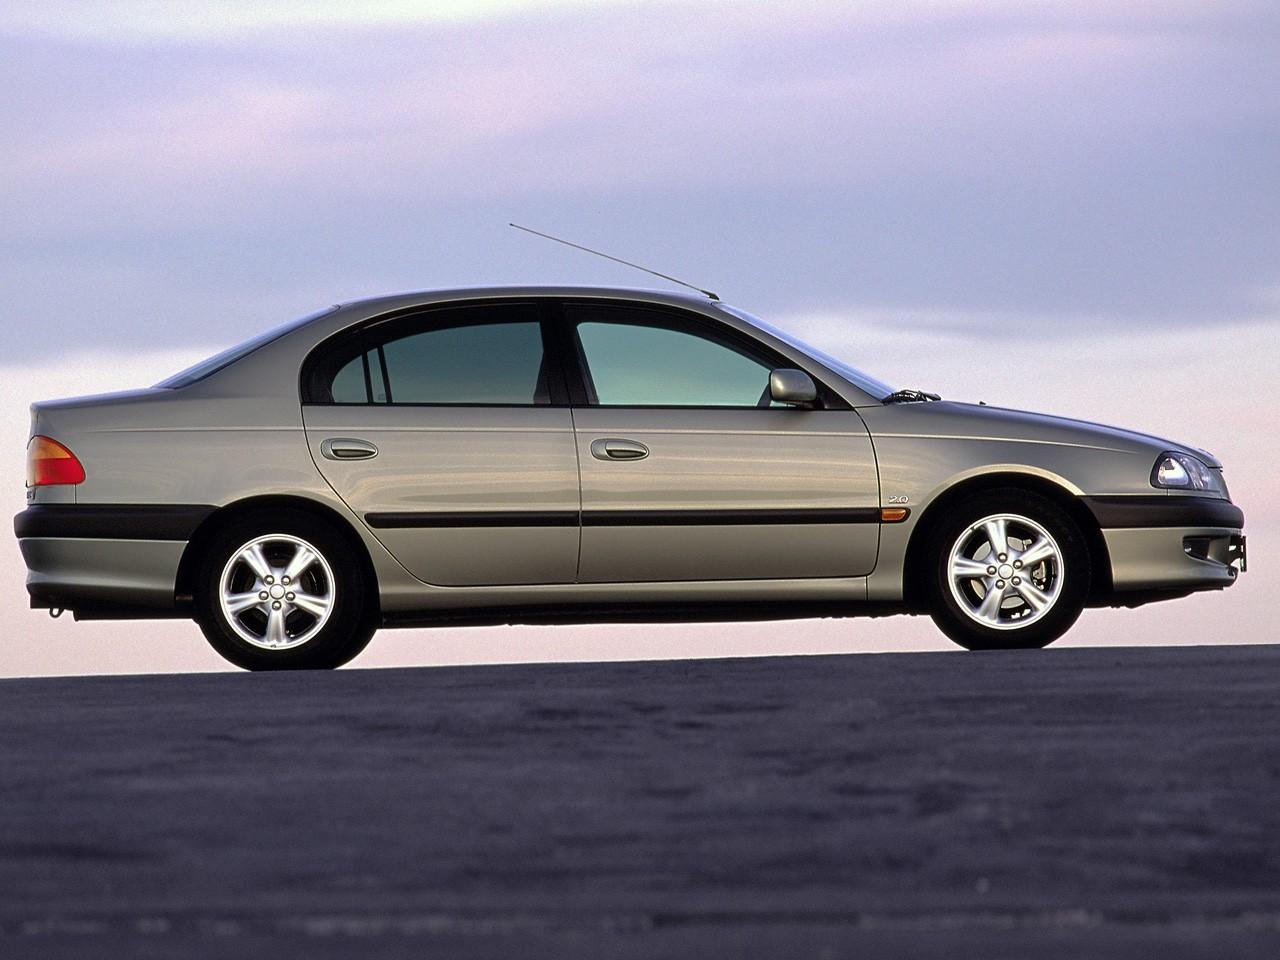 TOYOTA Avensis specs & photos - 1997, 1998, 1999, 2000 - autoevolution